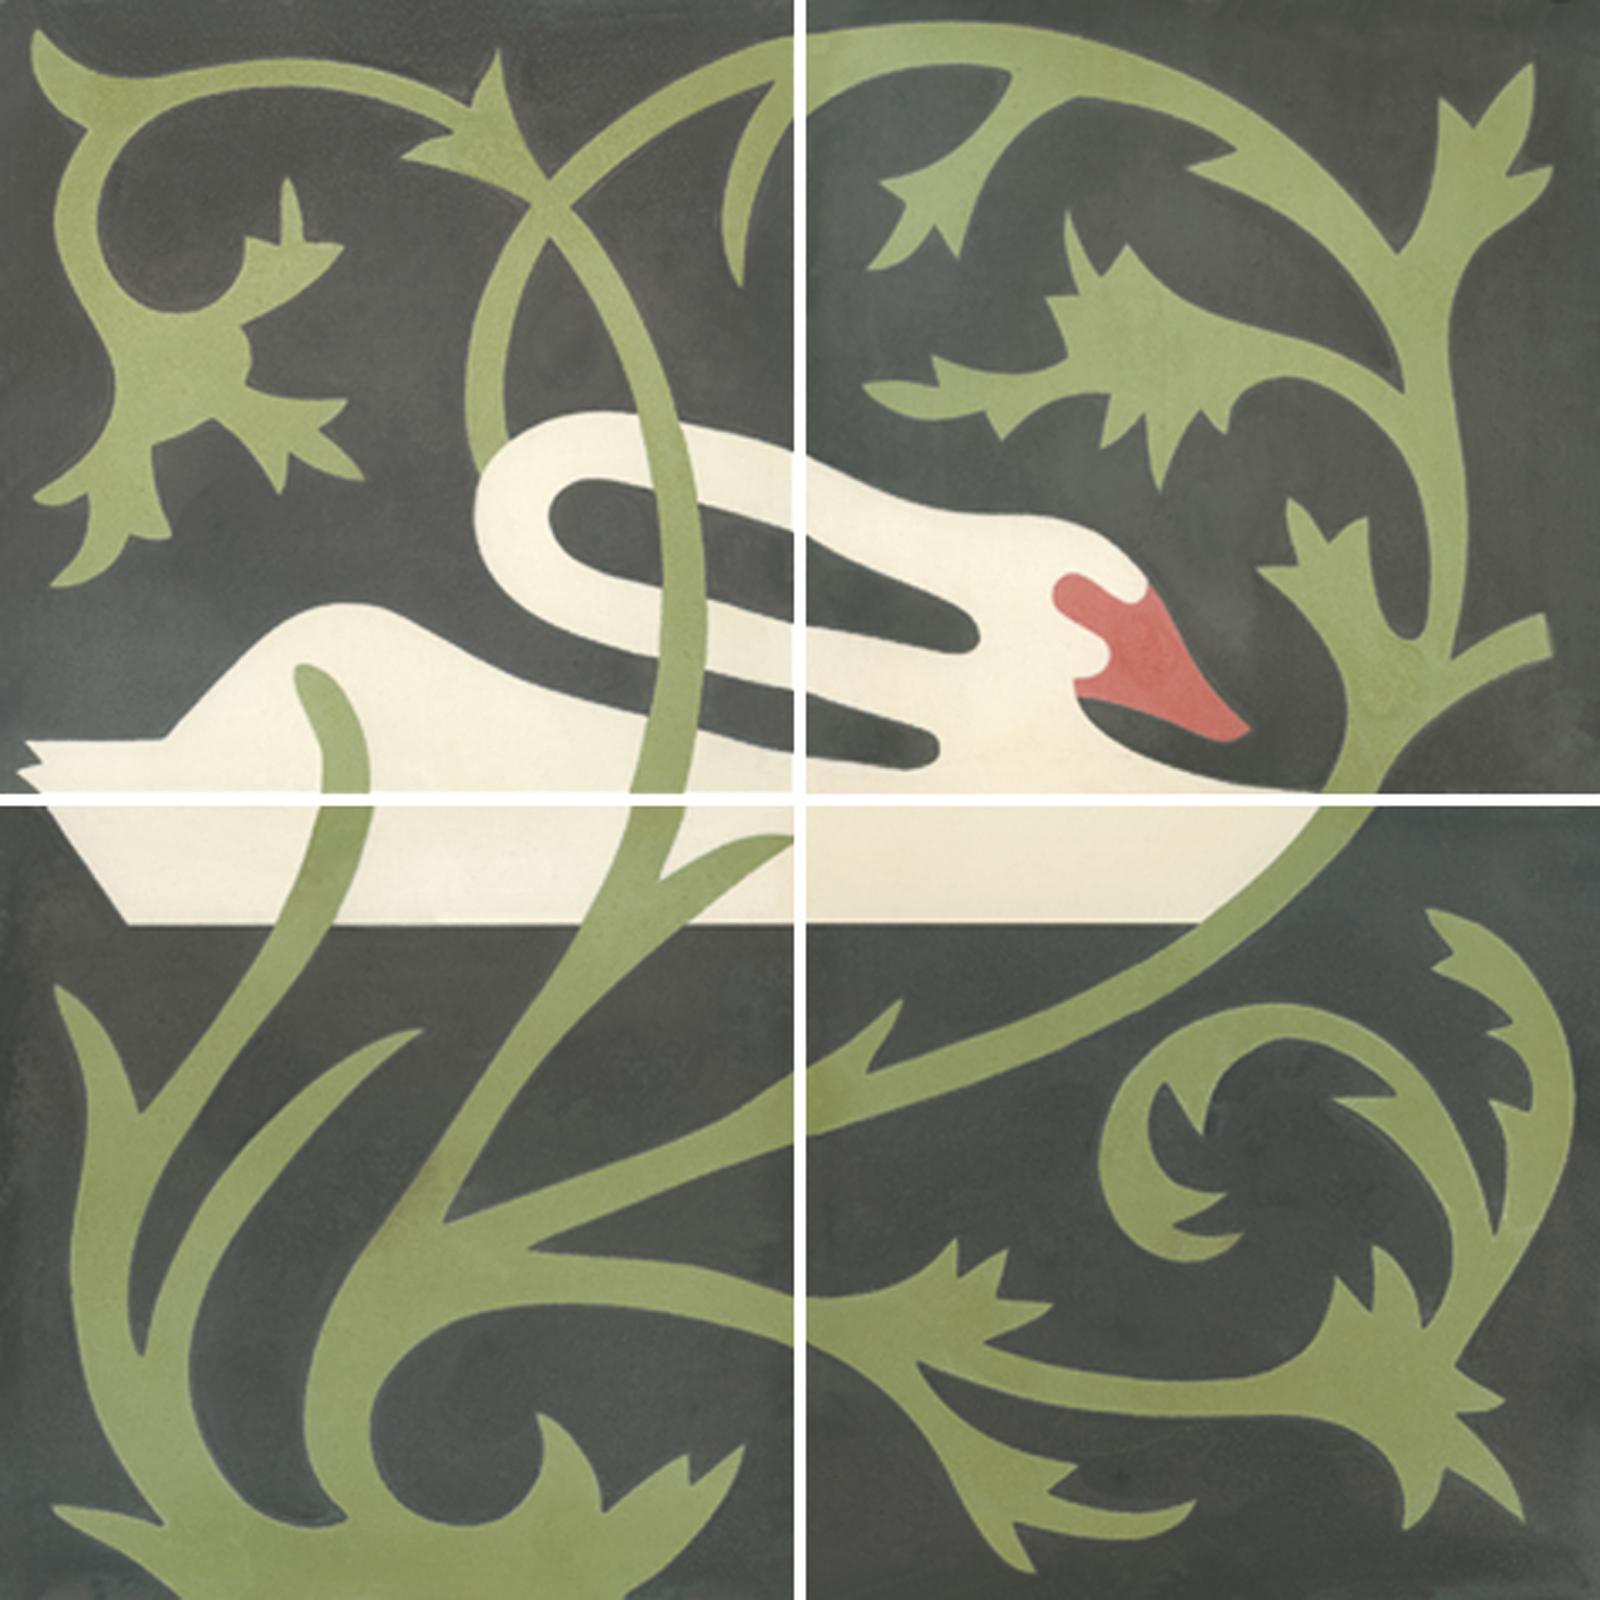 zementfliesen-muster-54134-schwan-viaplatten |